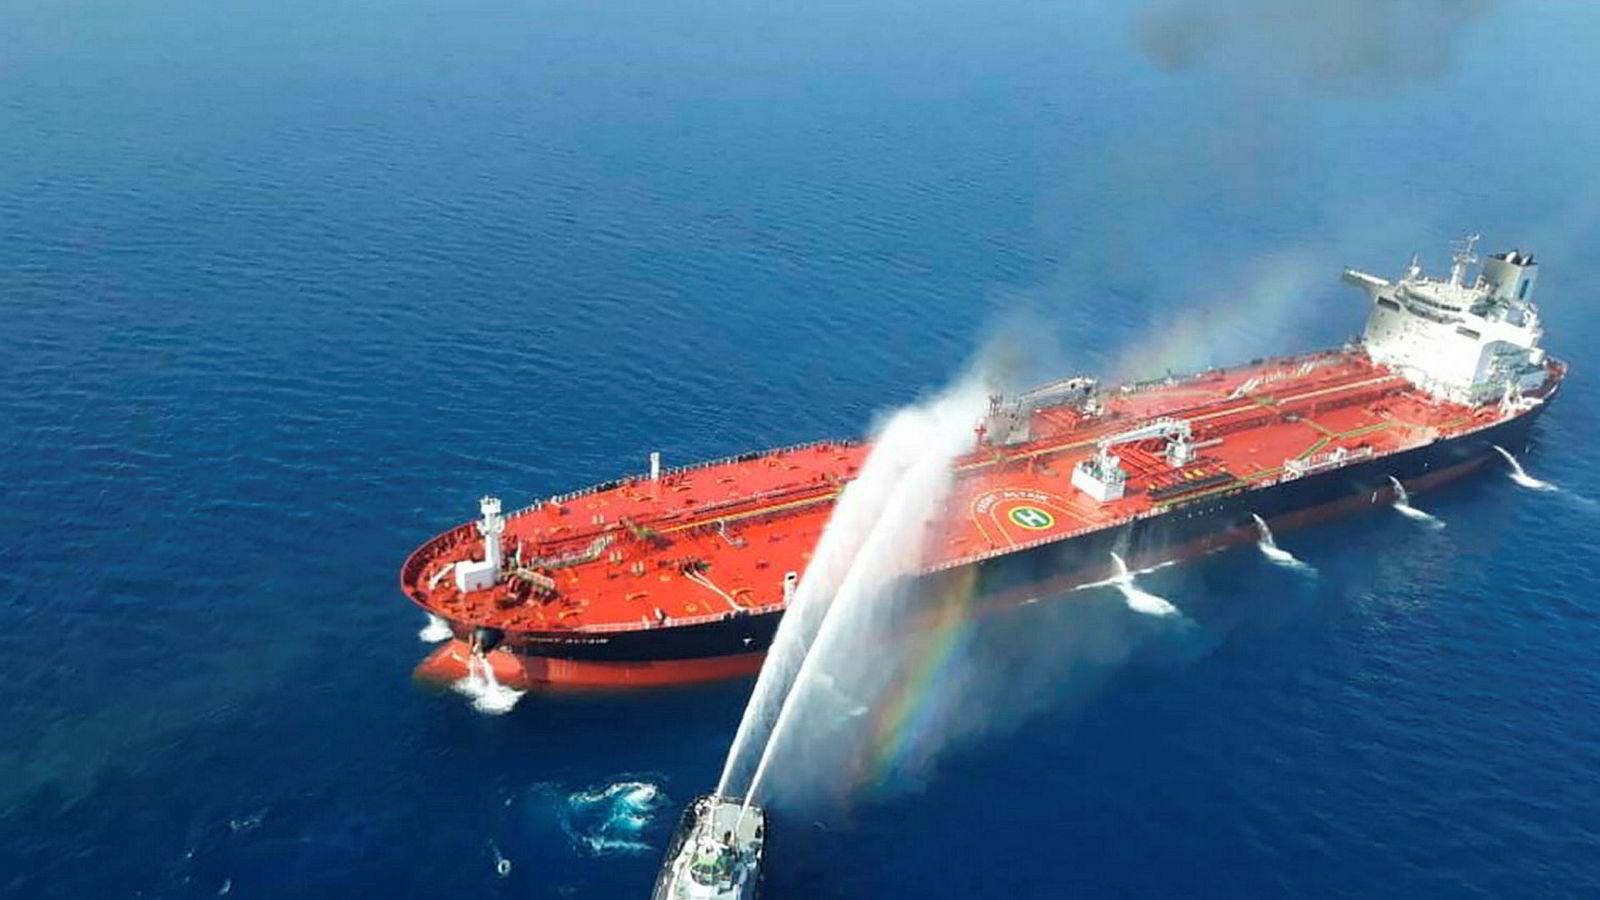 Iranske missilangrep på skipsfarten i Hormuzstredet har satt verdenssamfunnet i en krevende situasjon. På den ene siden kan ikke Norge, som en stor skipsfartsnasjon, se på at havenes frihet utfordres uten sanksjoner. På den annen side ønsker vi ikke å bli koblet til den amerikansk-iranske striden, skriver innleggsforfatteren.